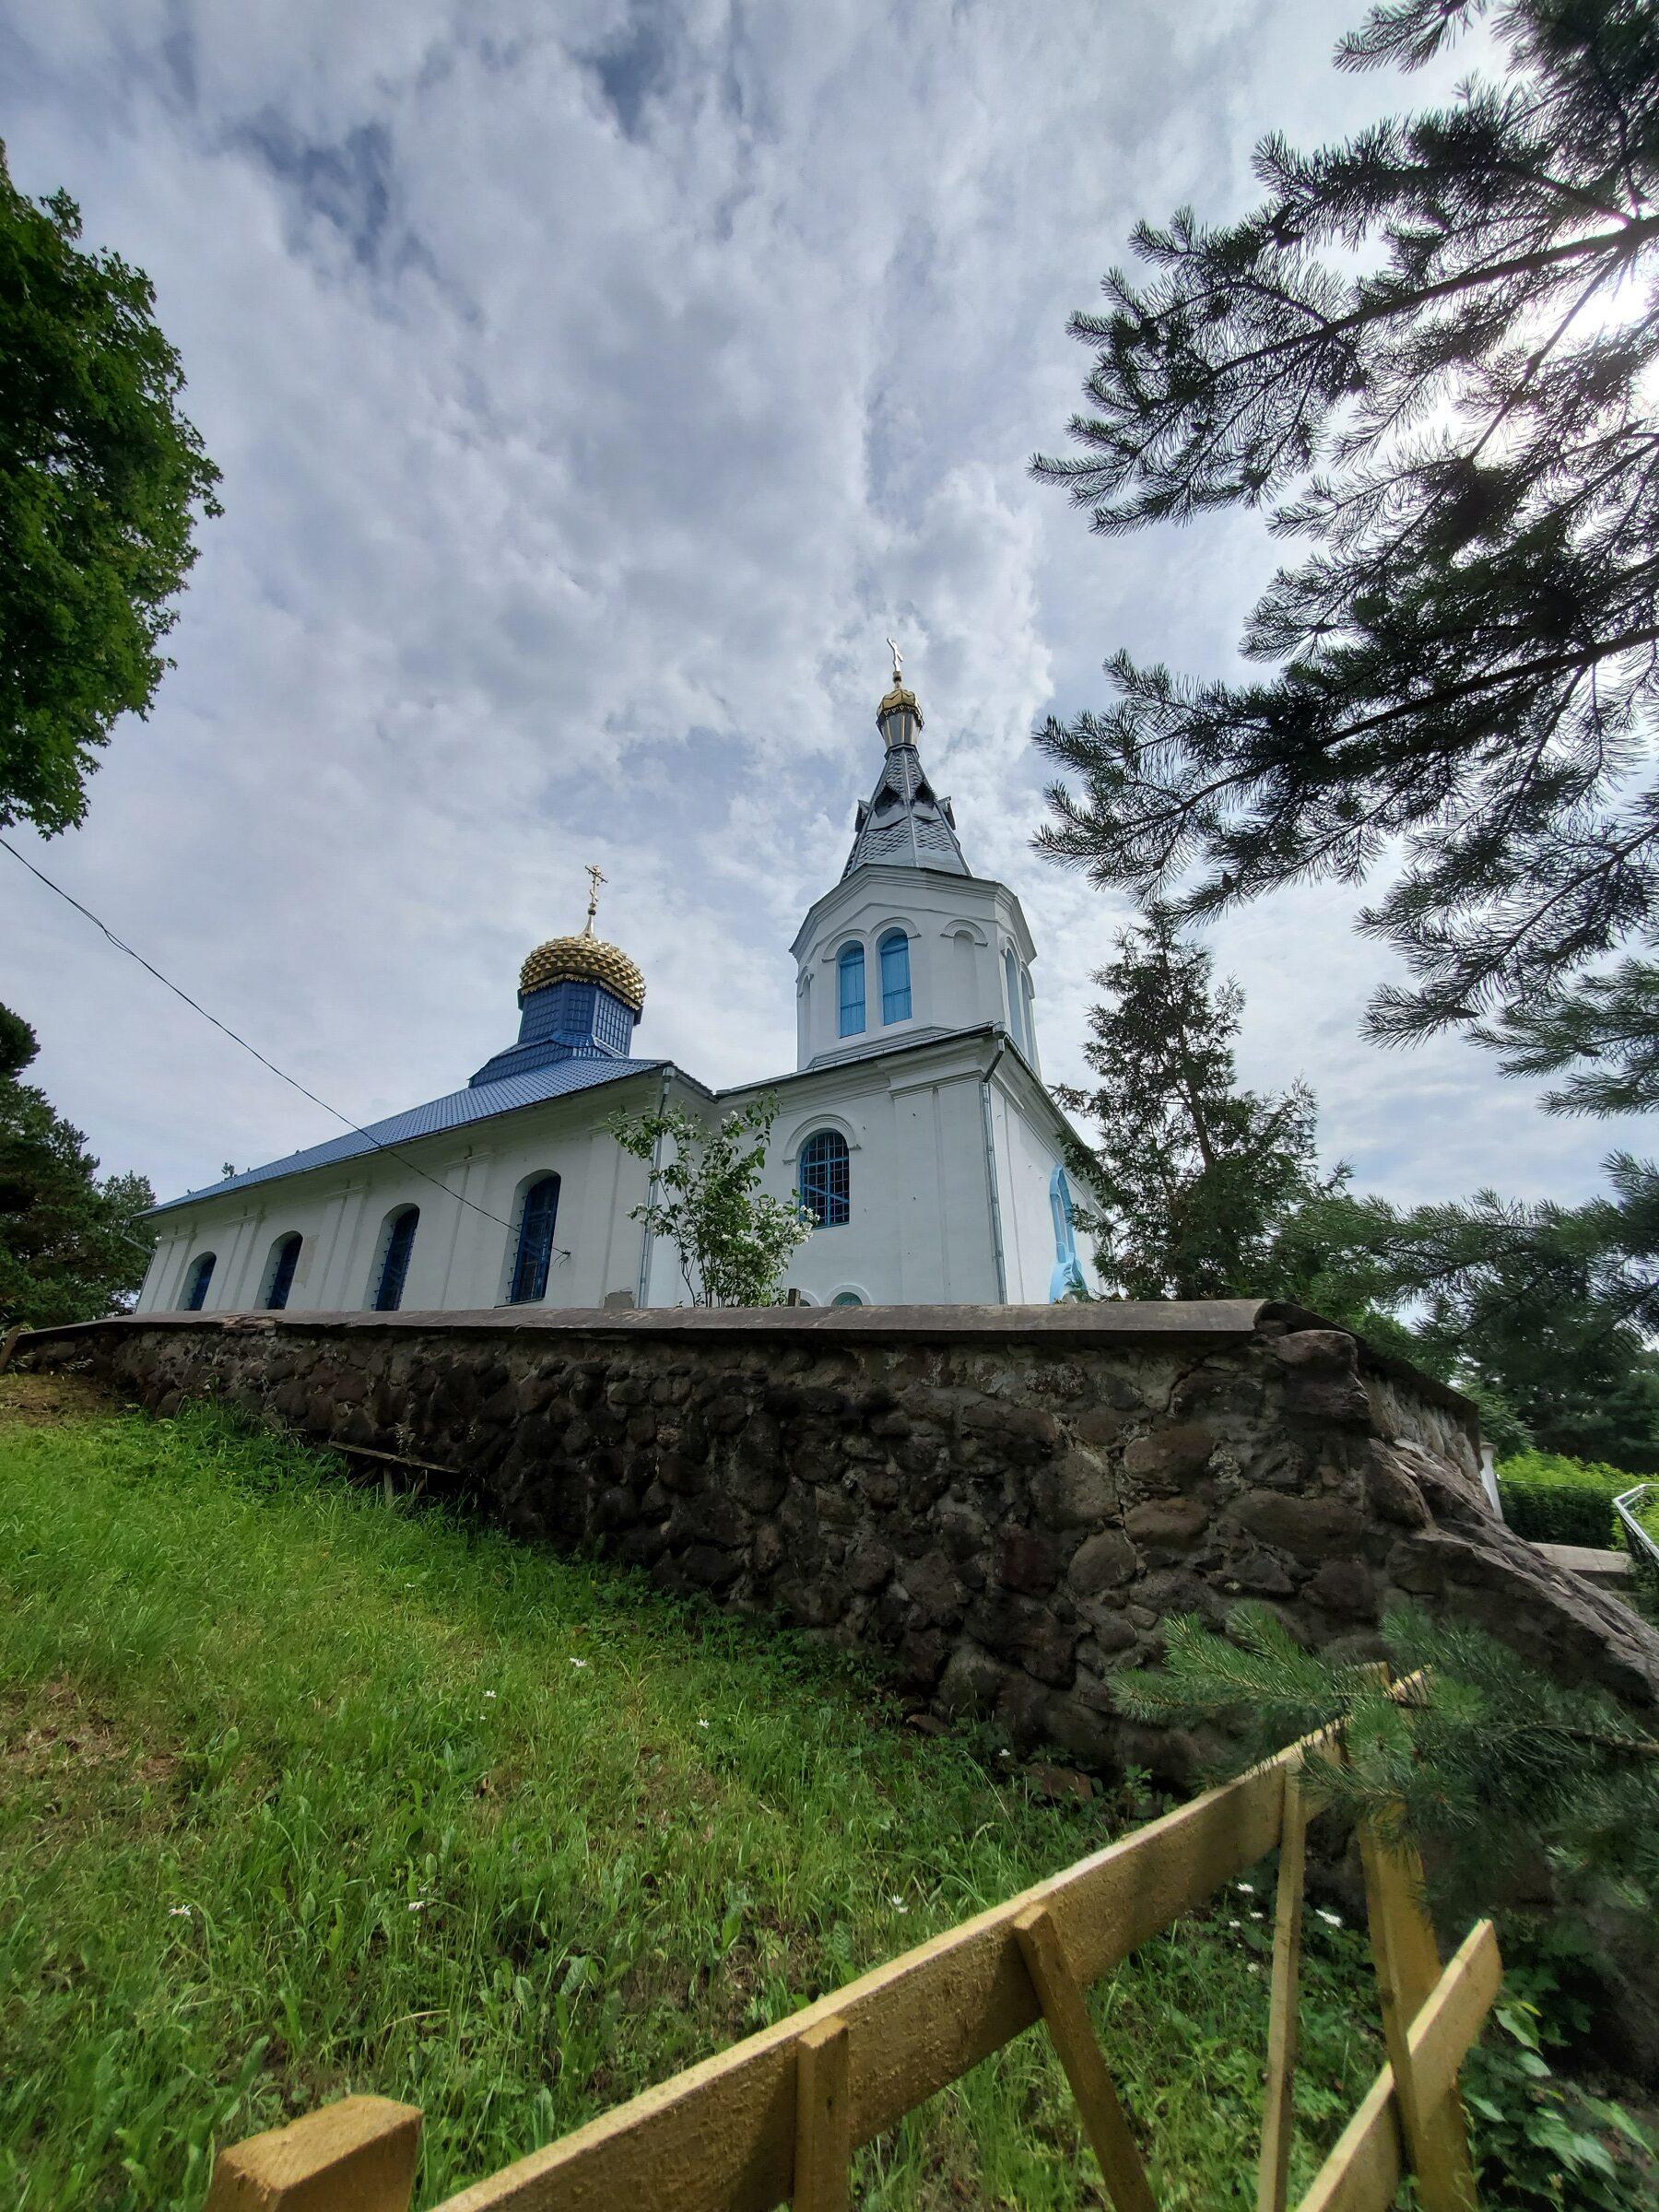 20200703 151614 1 rotated - Покровская церковь в деревне Бушики